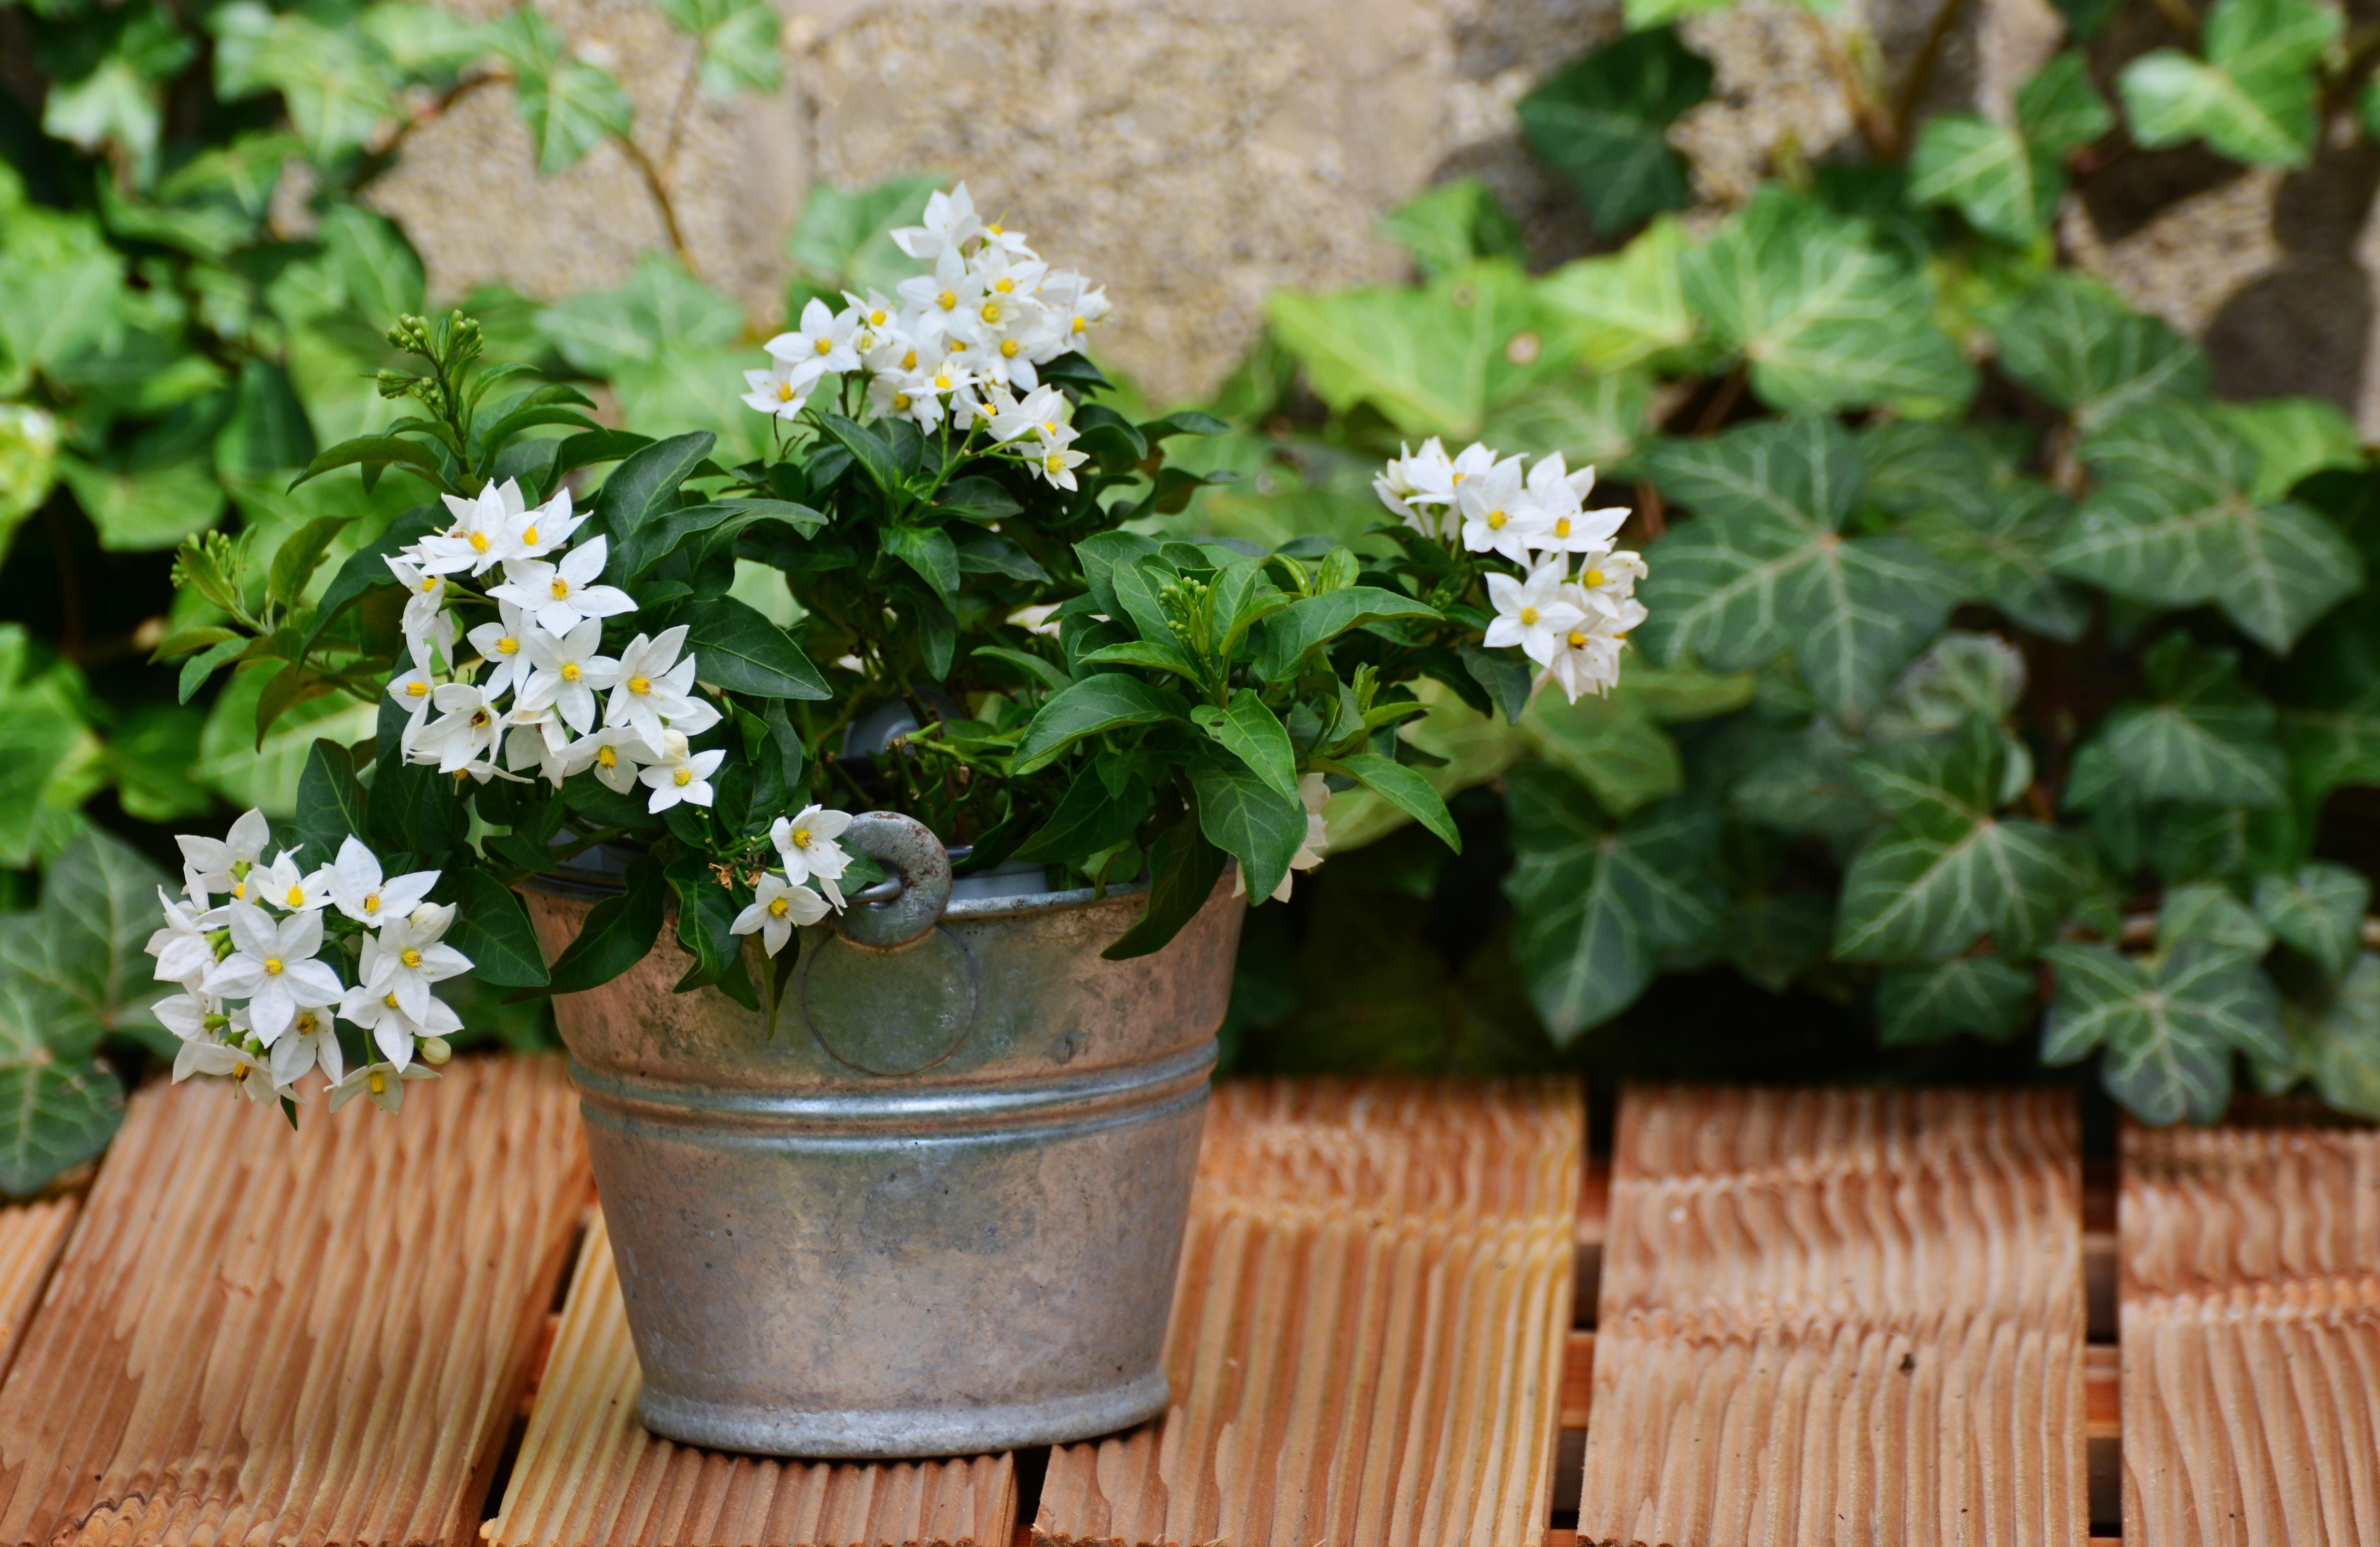 Fotos gratis flor hierba jard n flores arreglo - Hierba luisa en maceta ...